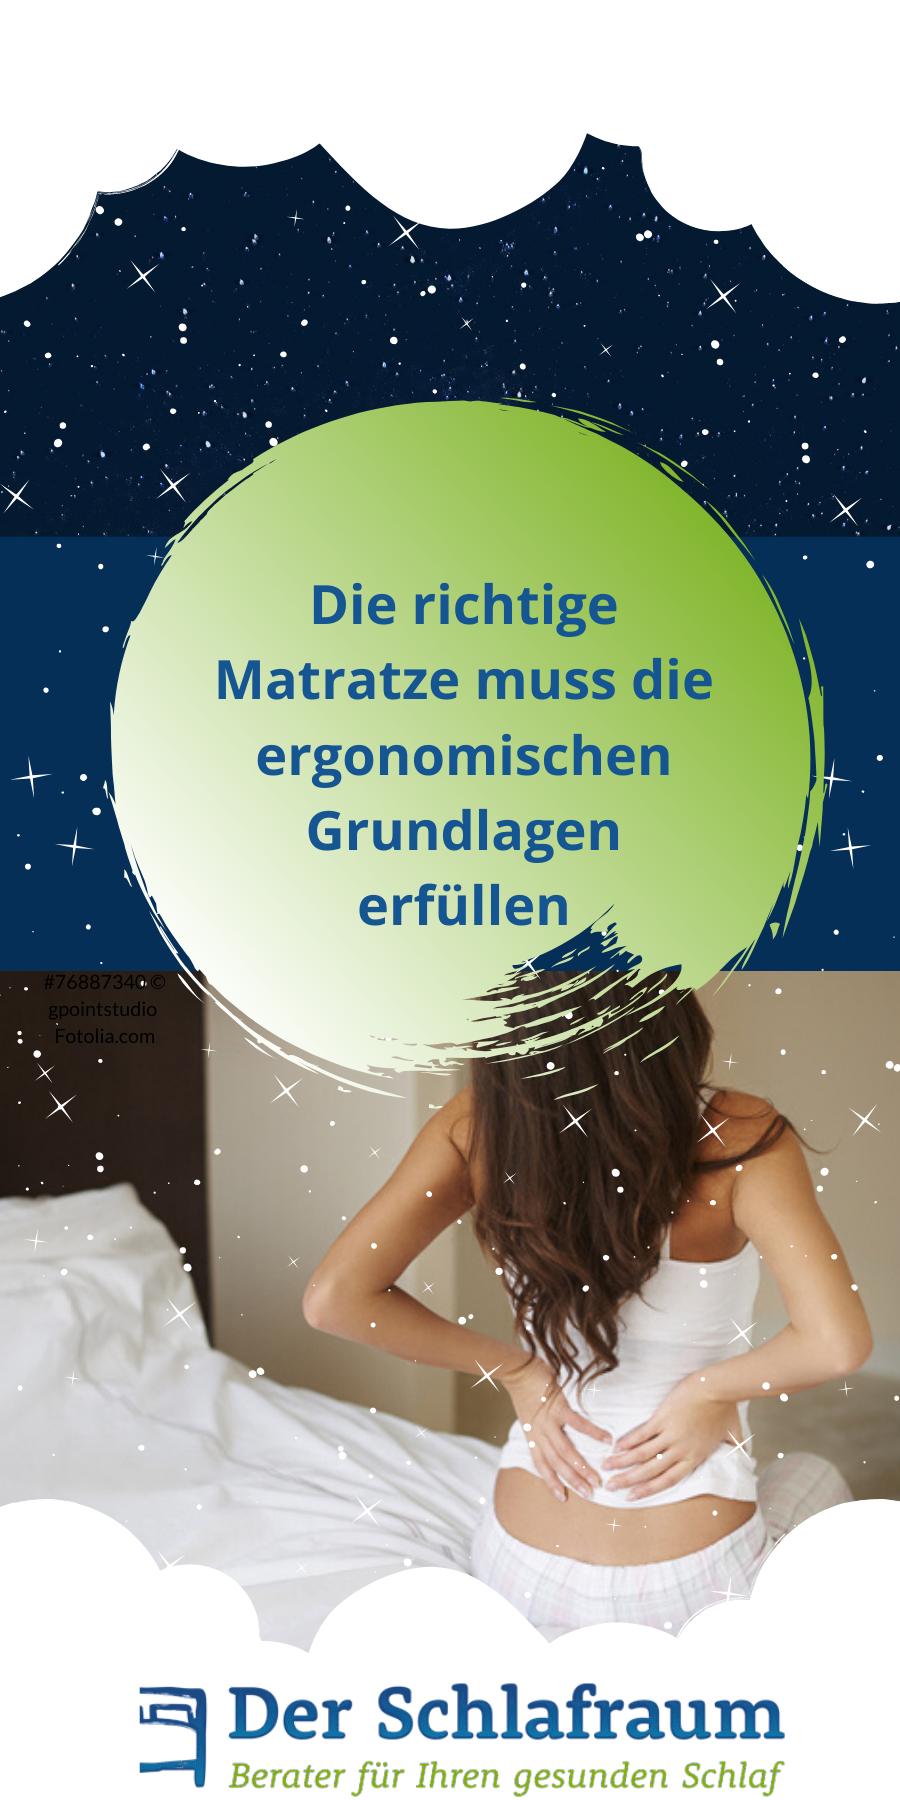 Welche Matratze Hilft Bei Ruckenschmerzen Der Schlafraum Matratze Beste Matratze Orthopadische Matratze